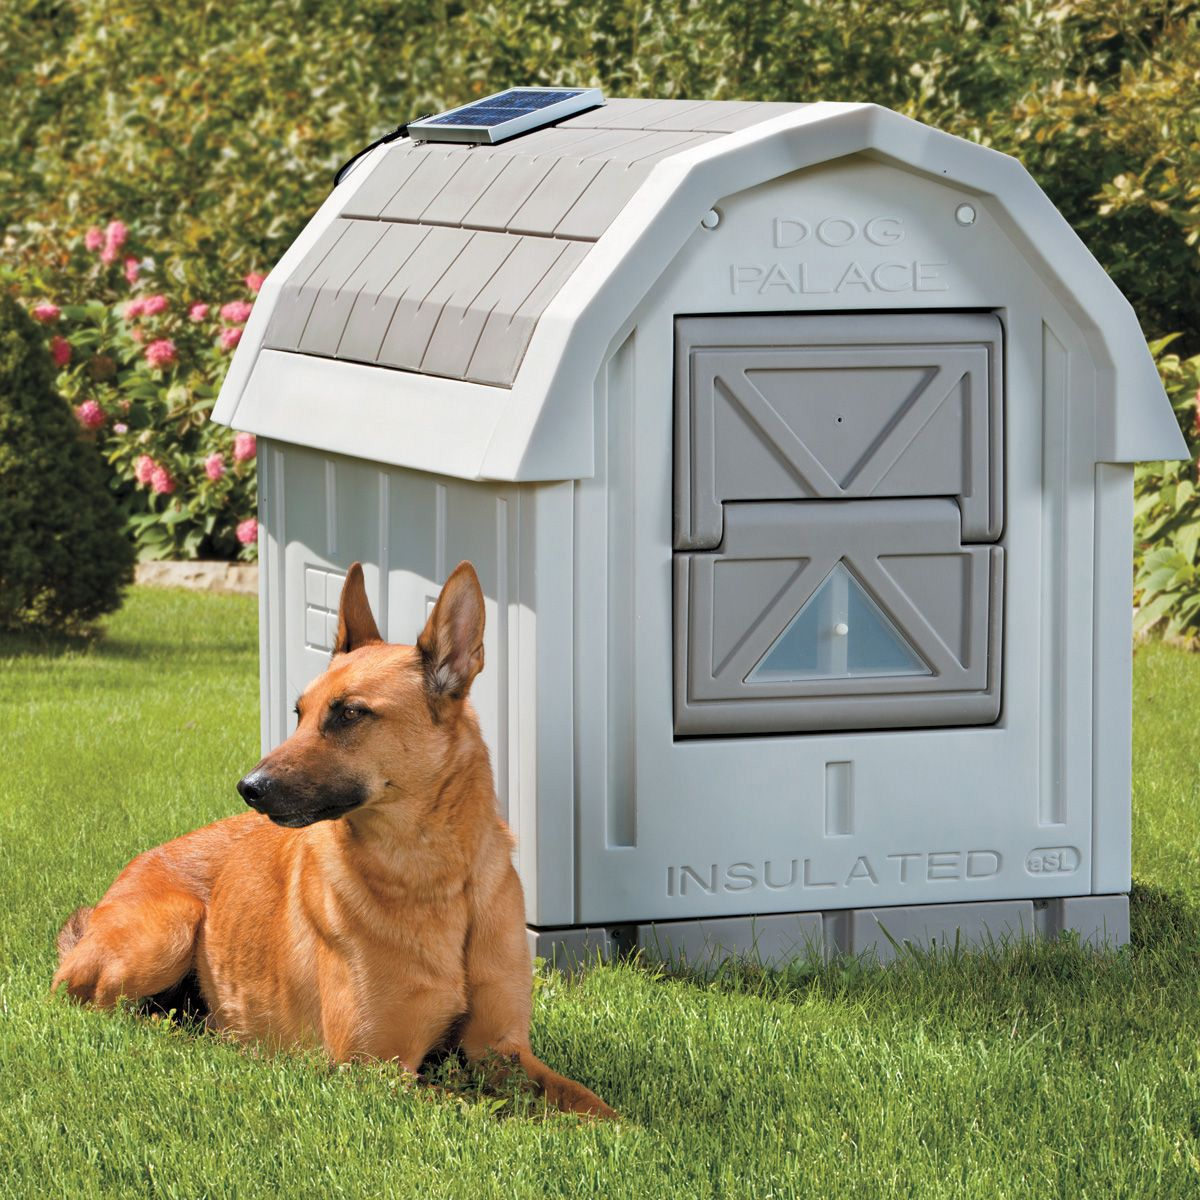 Dog Palace Insulated Dog House Insulated Dog House Dog House